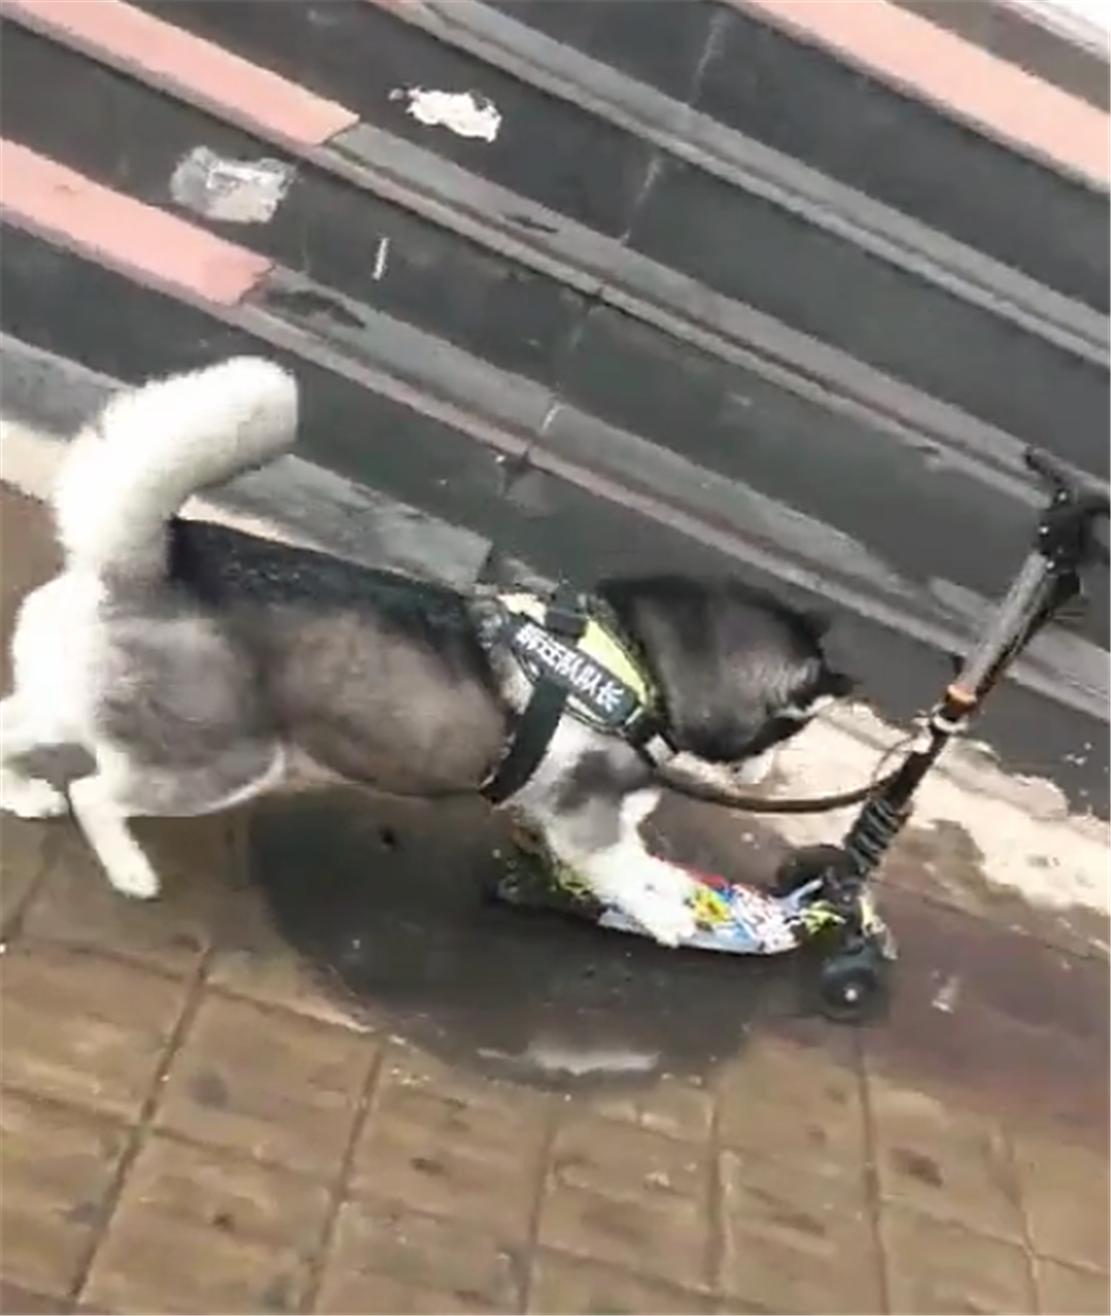 哈士奇在街上玩滑板车,路人纷纷侧目,狗:后腿跟不上前腿了…